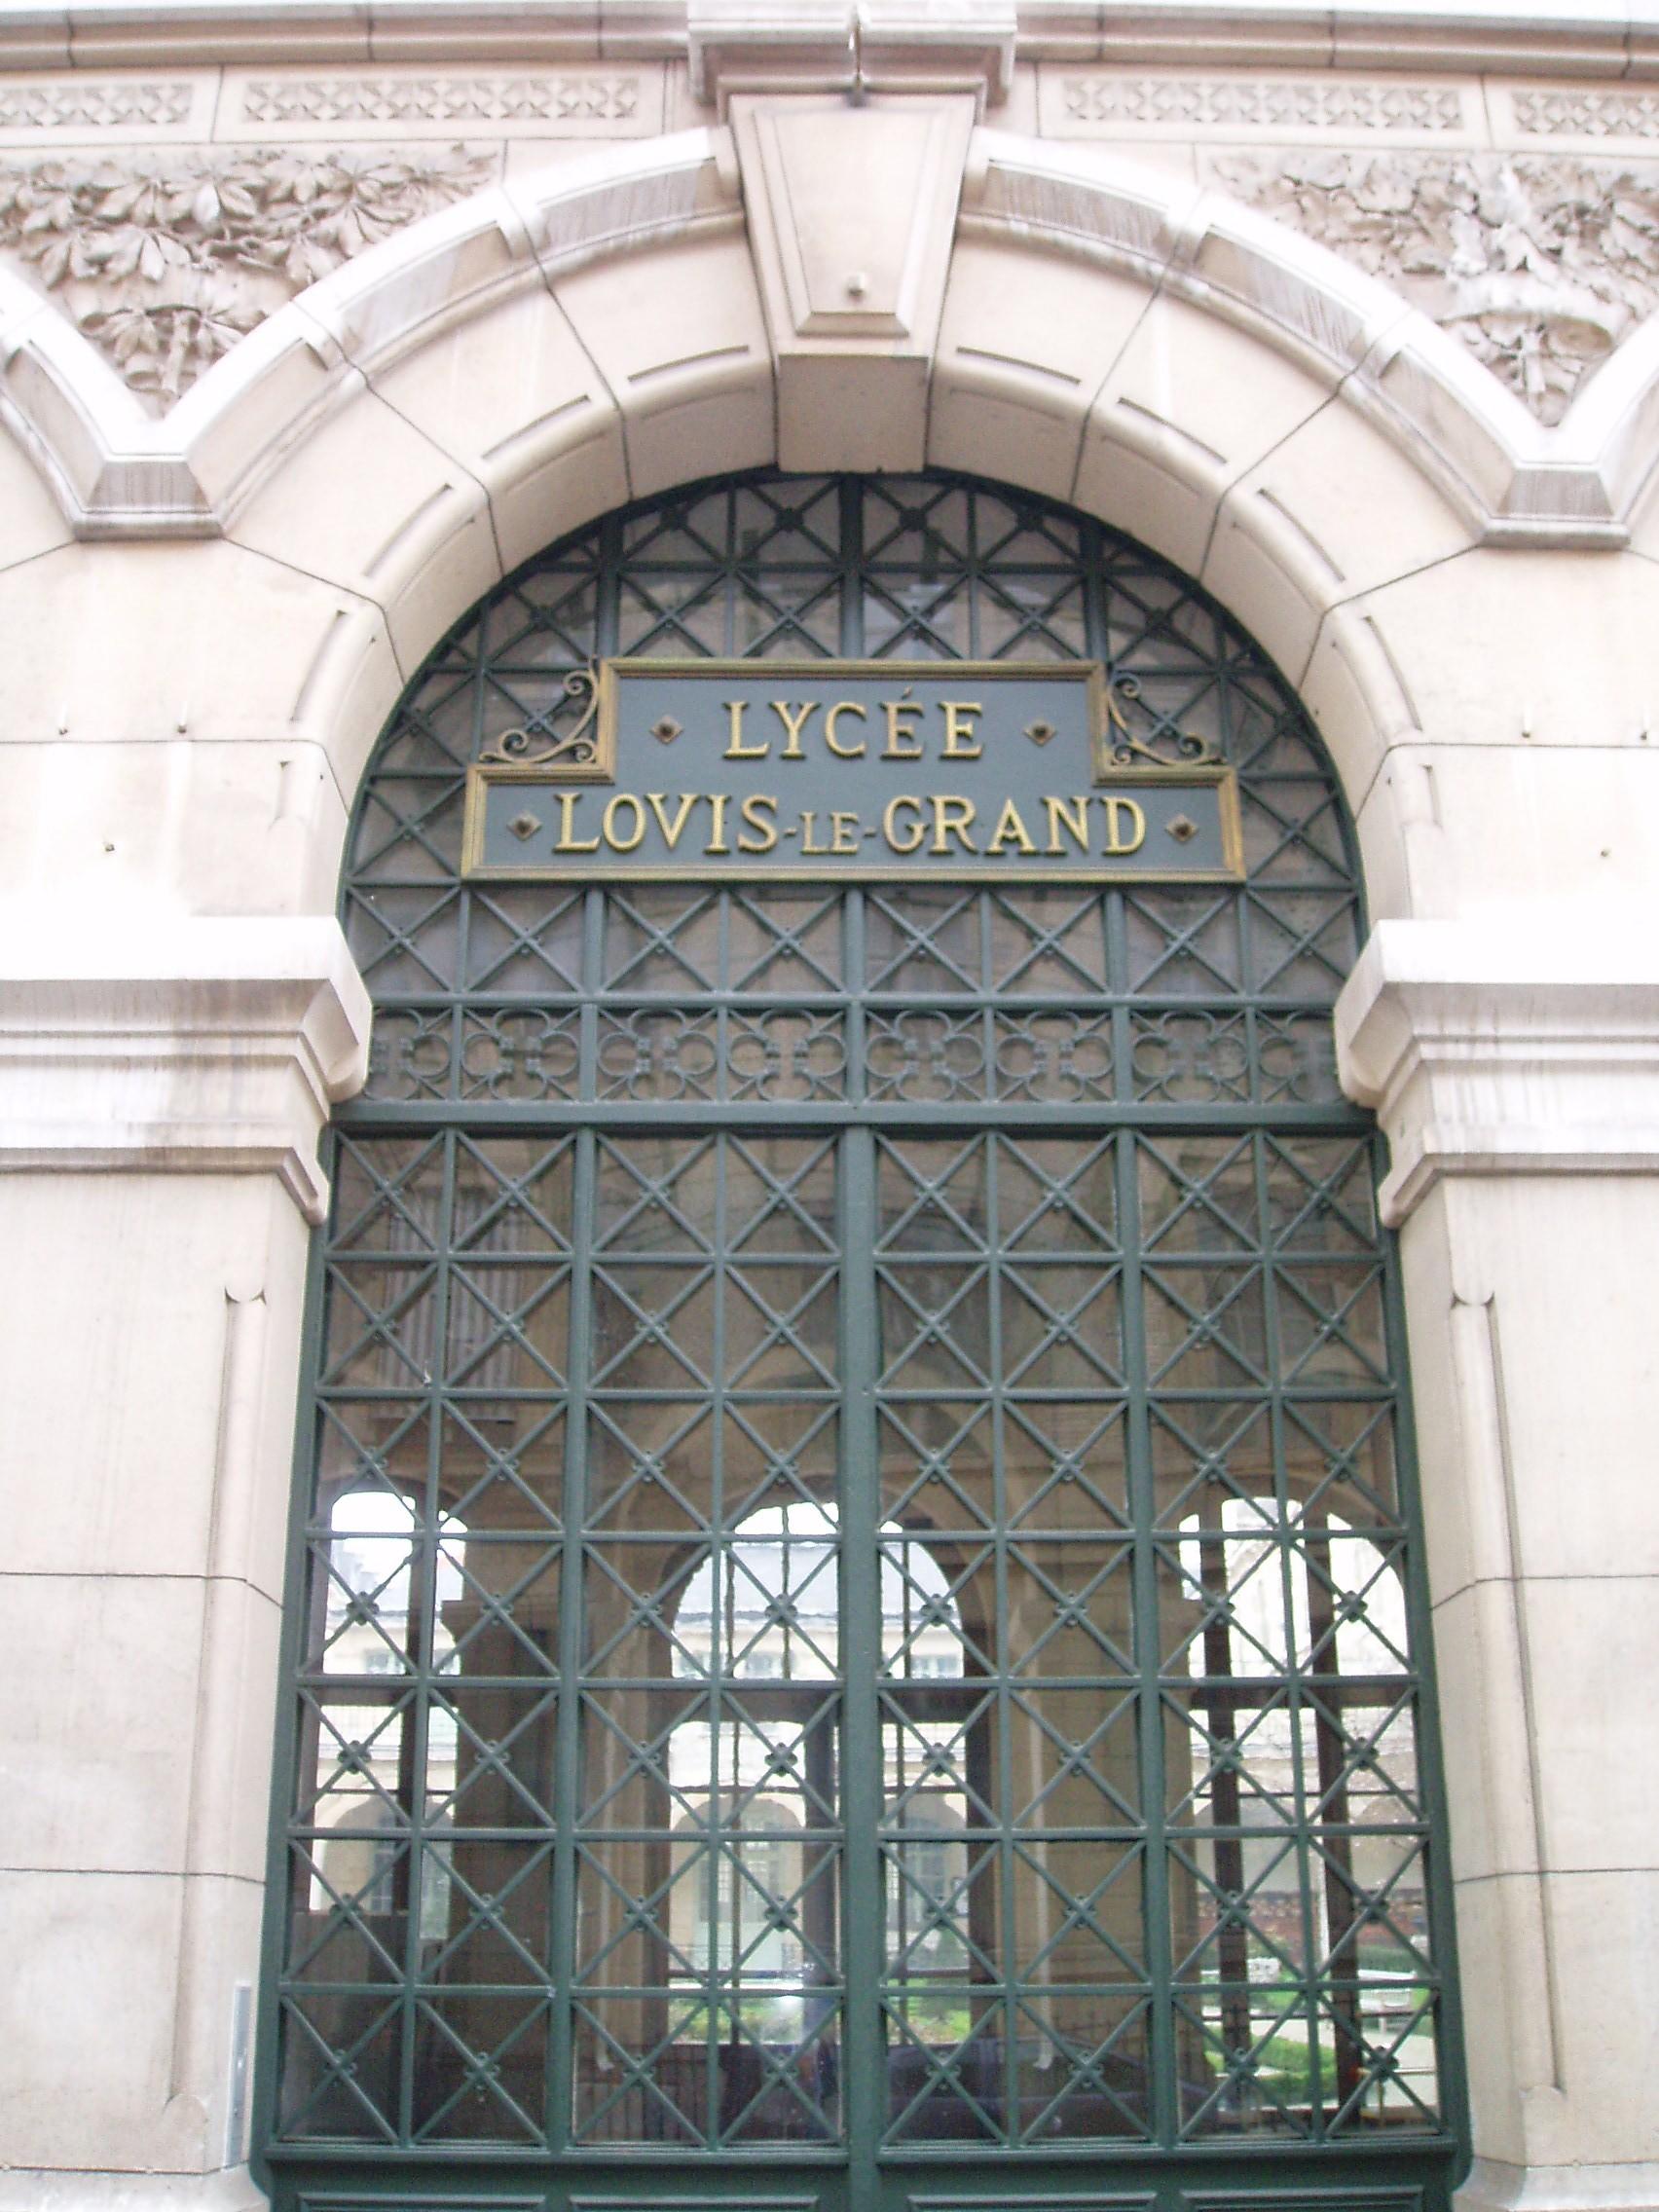 Lyc e louis le grand wikipedia for Ecole decorateur interieur paris